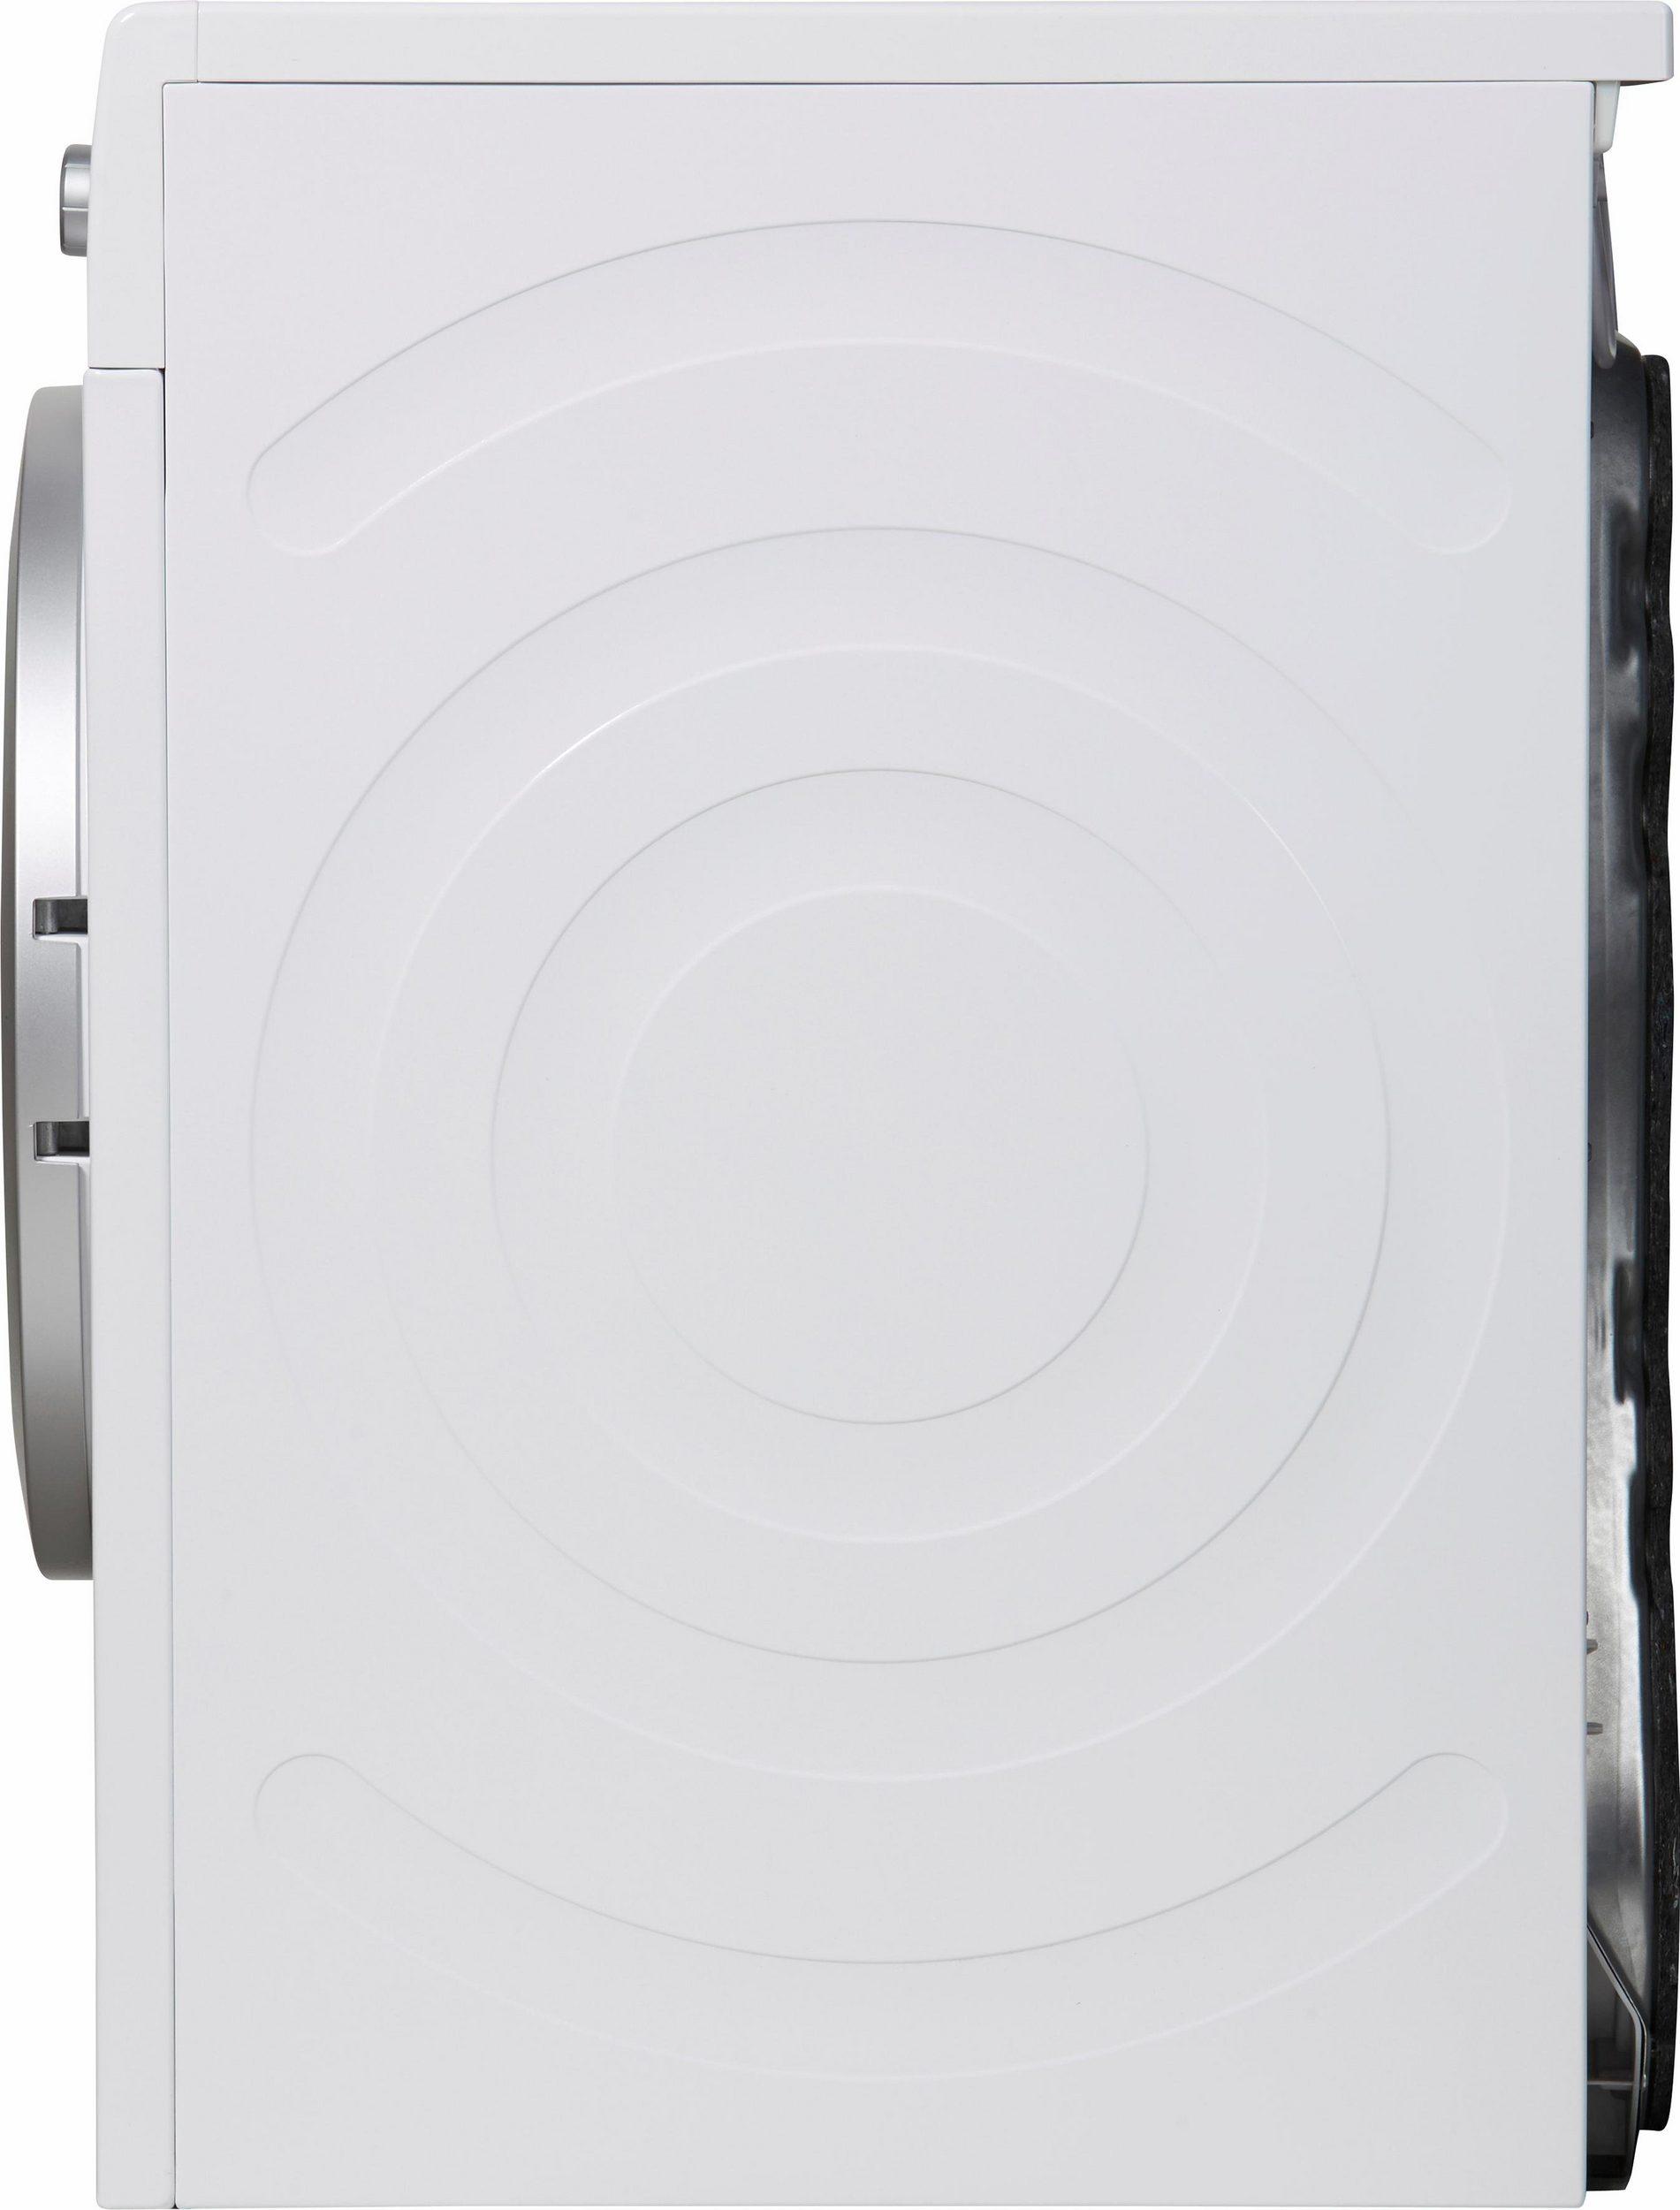 bosch wtw875w0 serie 8 w rmepumpentrockner a 8 kg. Black Bedroom Furniture Sets. Home Design Ideas